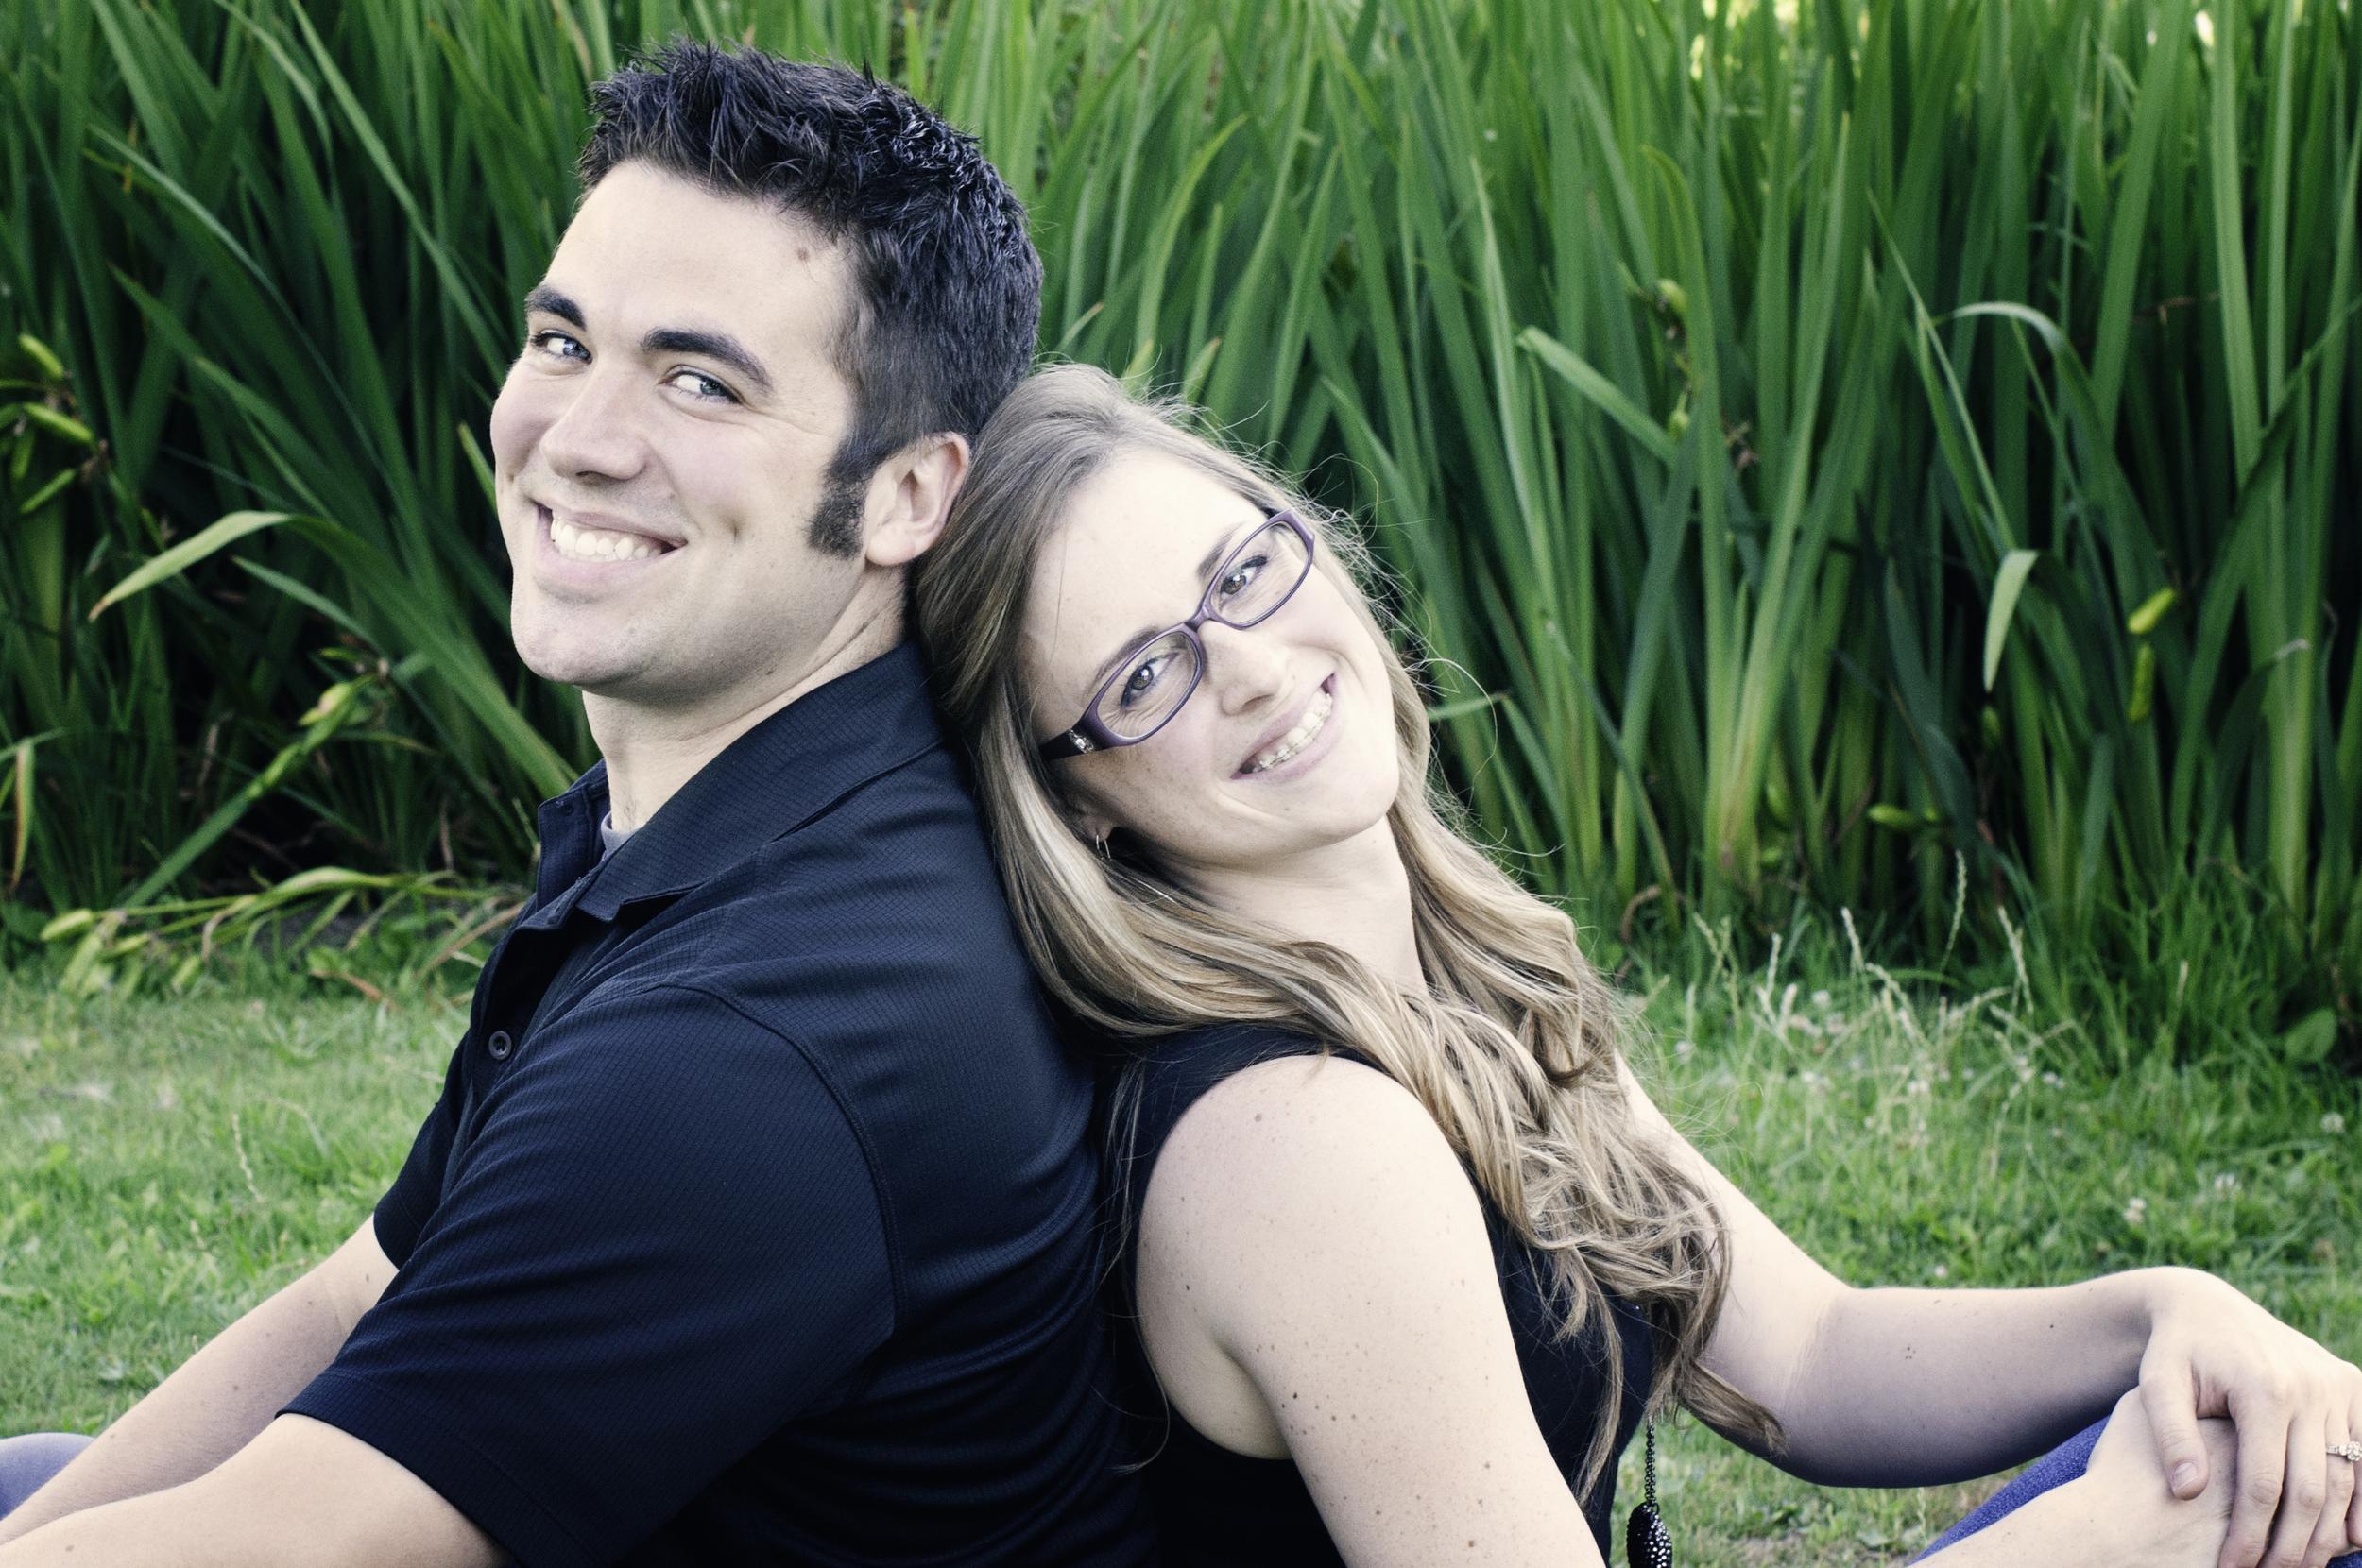 Ray Family Photos-Bobby and Kylie.jpg